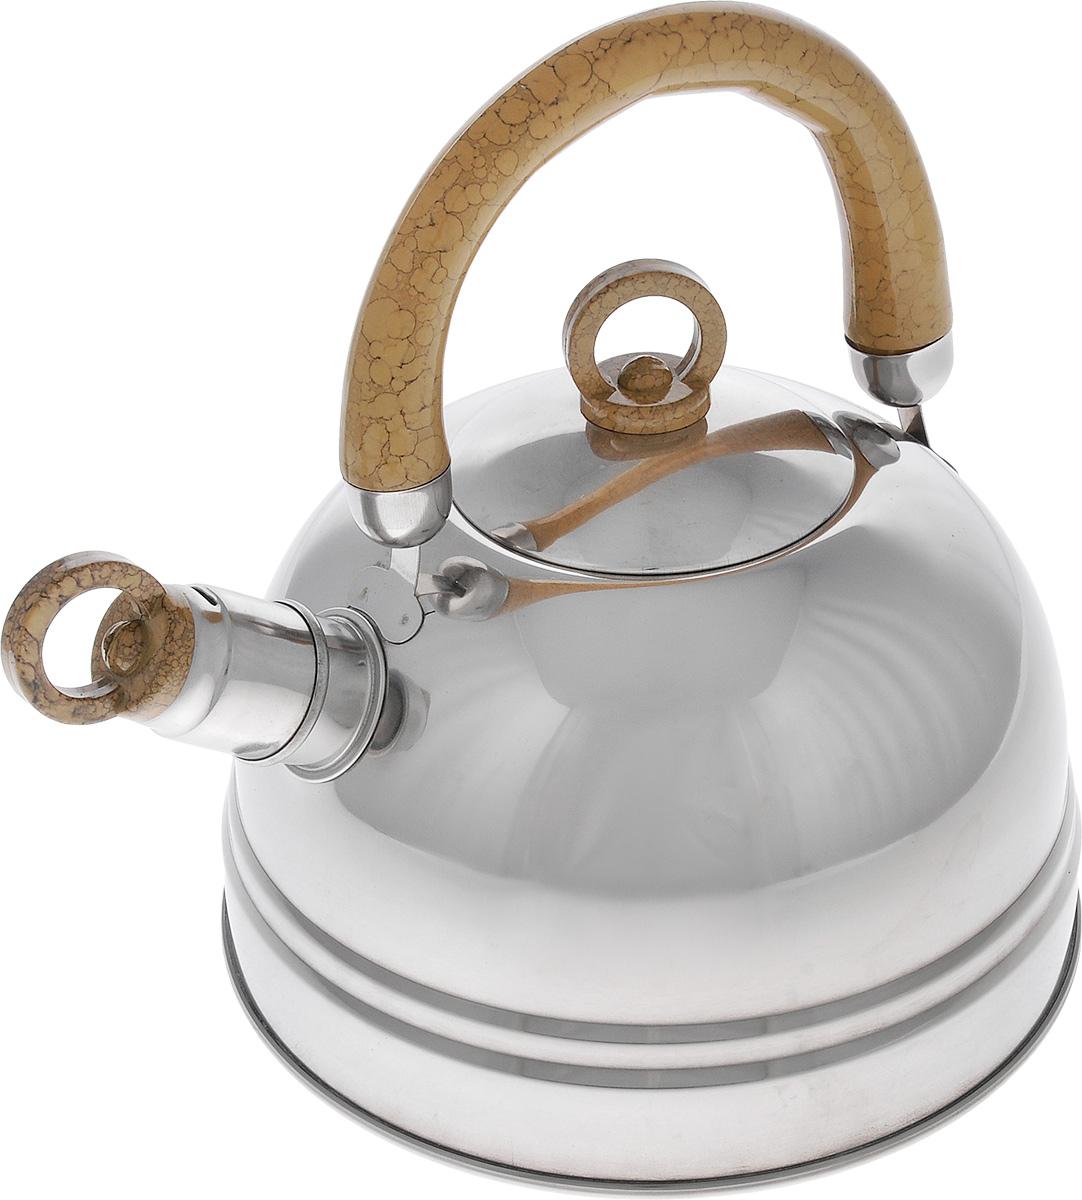 Чайник Bekker Koch, со свистком, цвет: светло-коричневый, 2,5 л. BK-S367MBK-S367М_светло-коричневыйЧайник Bekker Koch изготовлен из высококачественной нержавеющей стали с зеркальной полировкой. Капсулированное дно распределяет тепло по всей поверхности, что позволяет чайнику быстро закипать. Эргономичная подвижная ручка выполнена из бакелита оригинального дизайна. Носик оснащен съемным свистком, который подскажет, когда вода закипела. Можно мыть мыть в посудомоечной машине. Толщина стенок: 0,4 мм. Высота чайника (без учета ручки): 12 см. Высота чайника (с учетом ручки): 22,5 см.